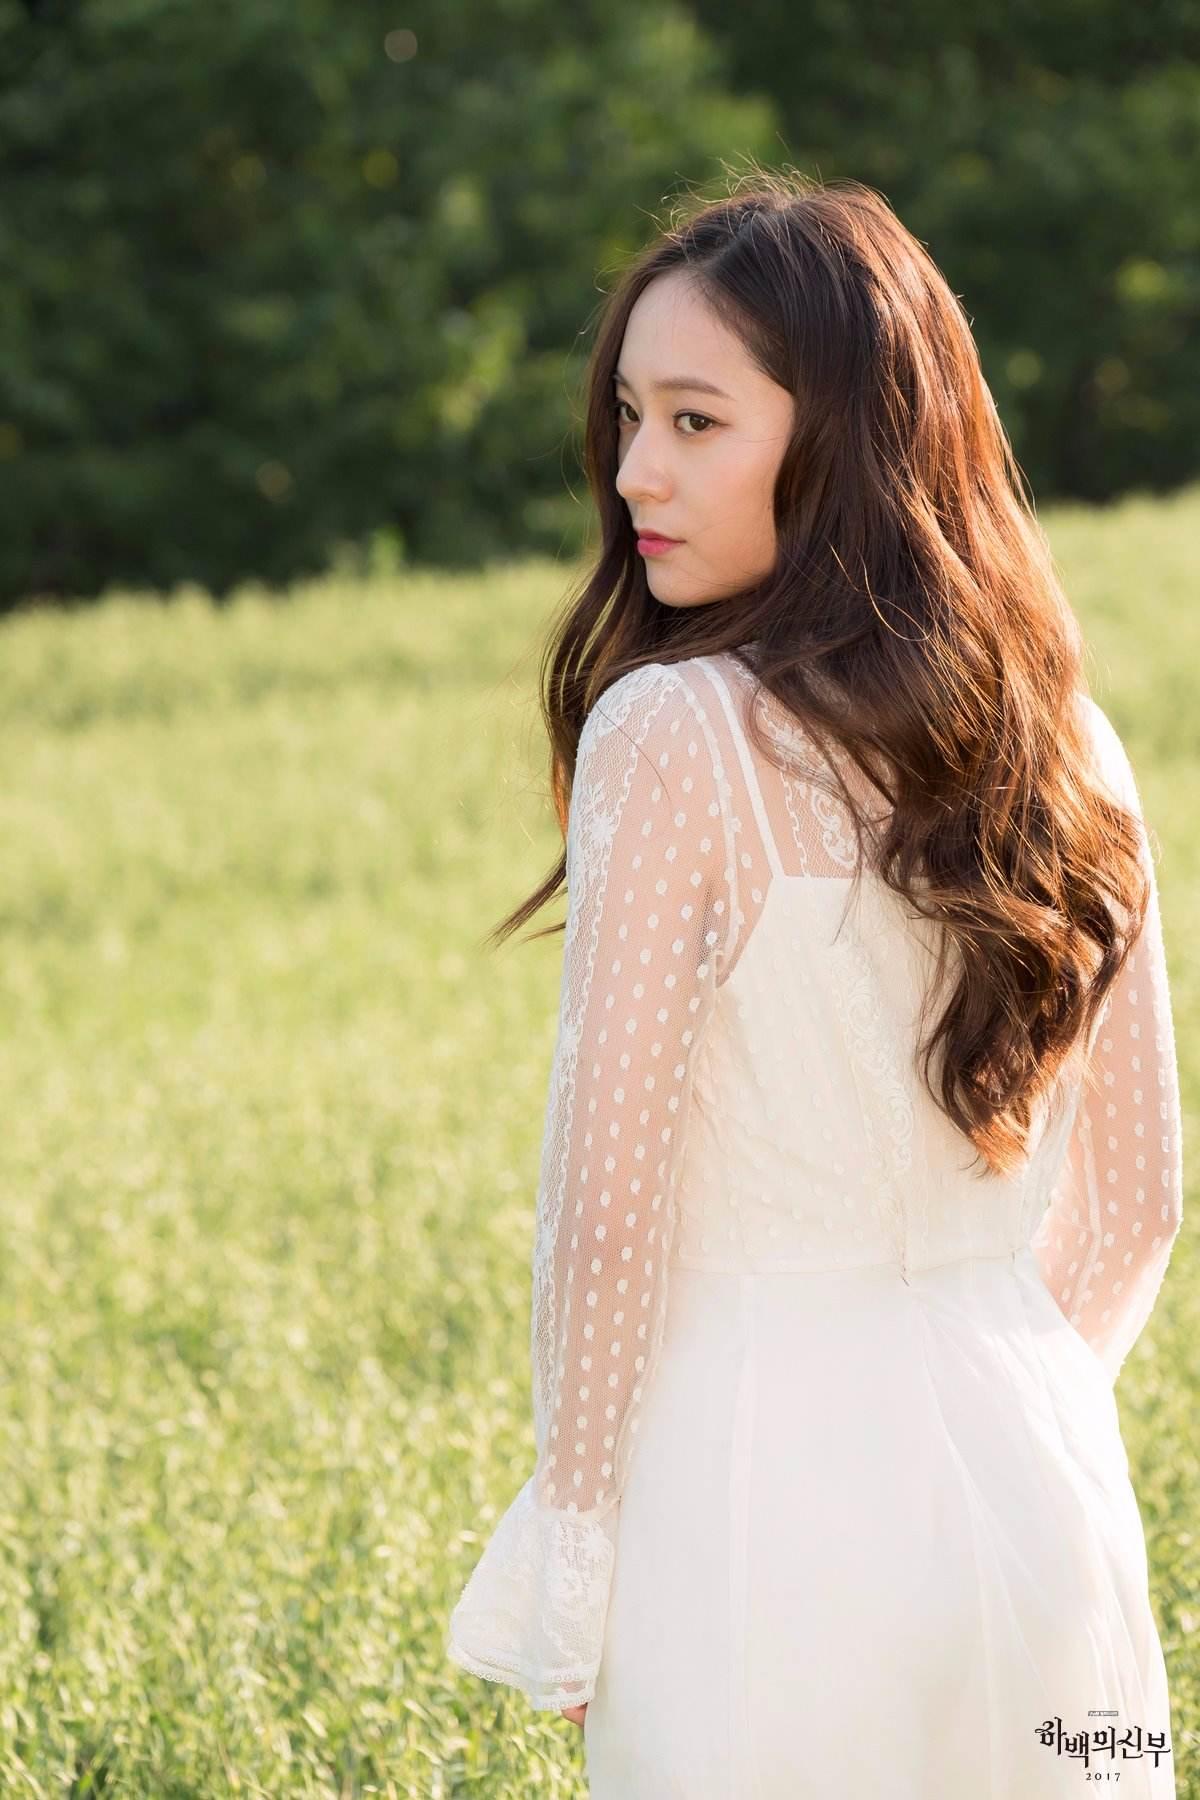 尤其是Krystal穿著白色的洋裝搭配長捲髮,也被網友大讚:「也太美了吧@@」,「媽!我看到天使了!!!」,小編也很期待Krystal在劇中的表現,小聲說小編其實也是Krystal的粉絲是為了她才決定要追這部戲的XDDD(有粉絲也是嗎...?)